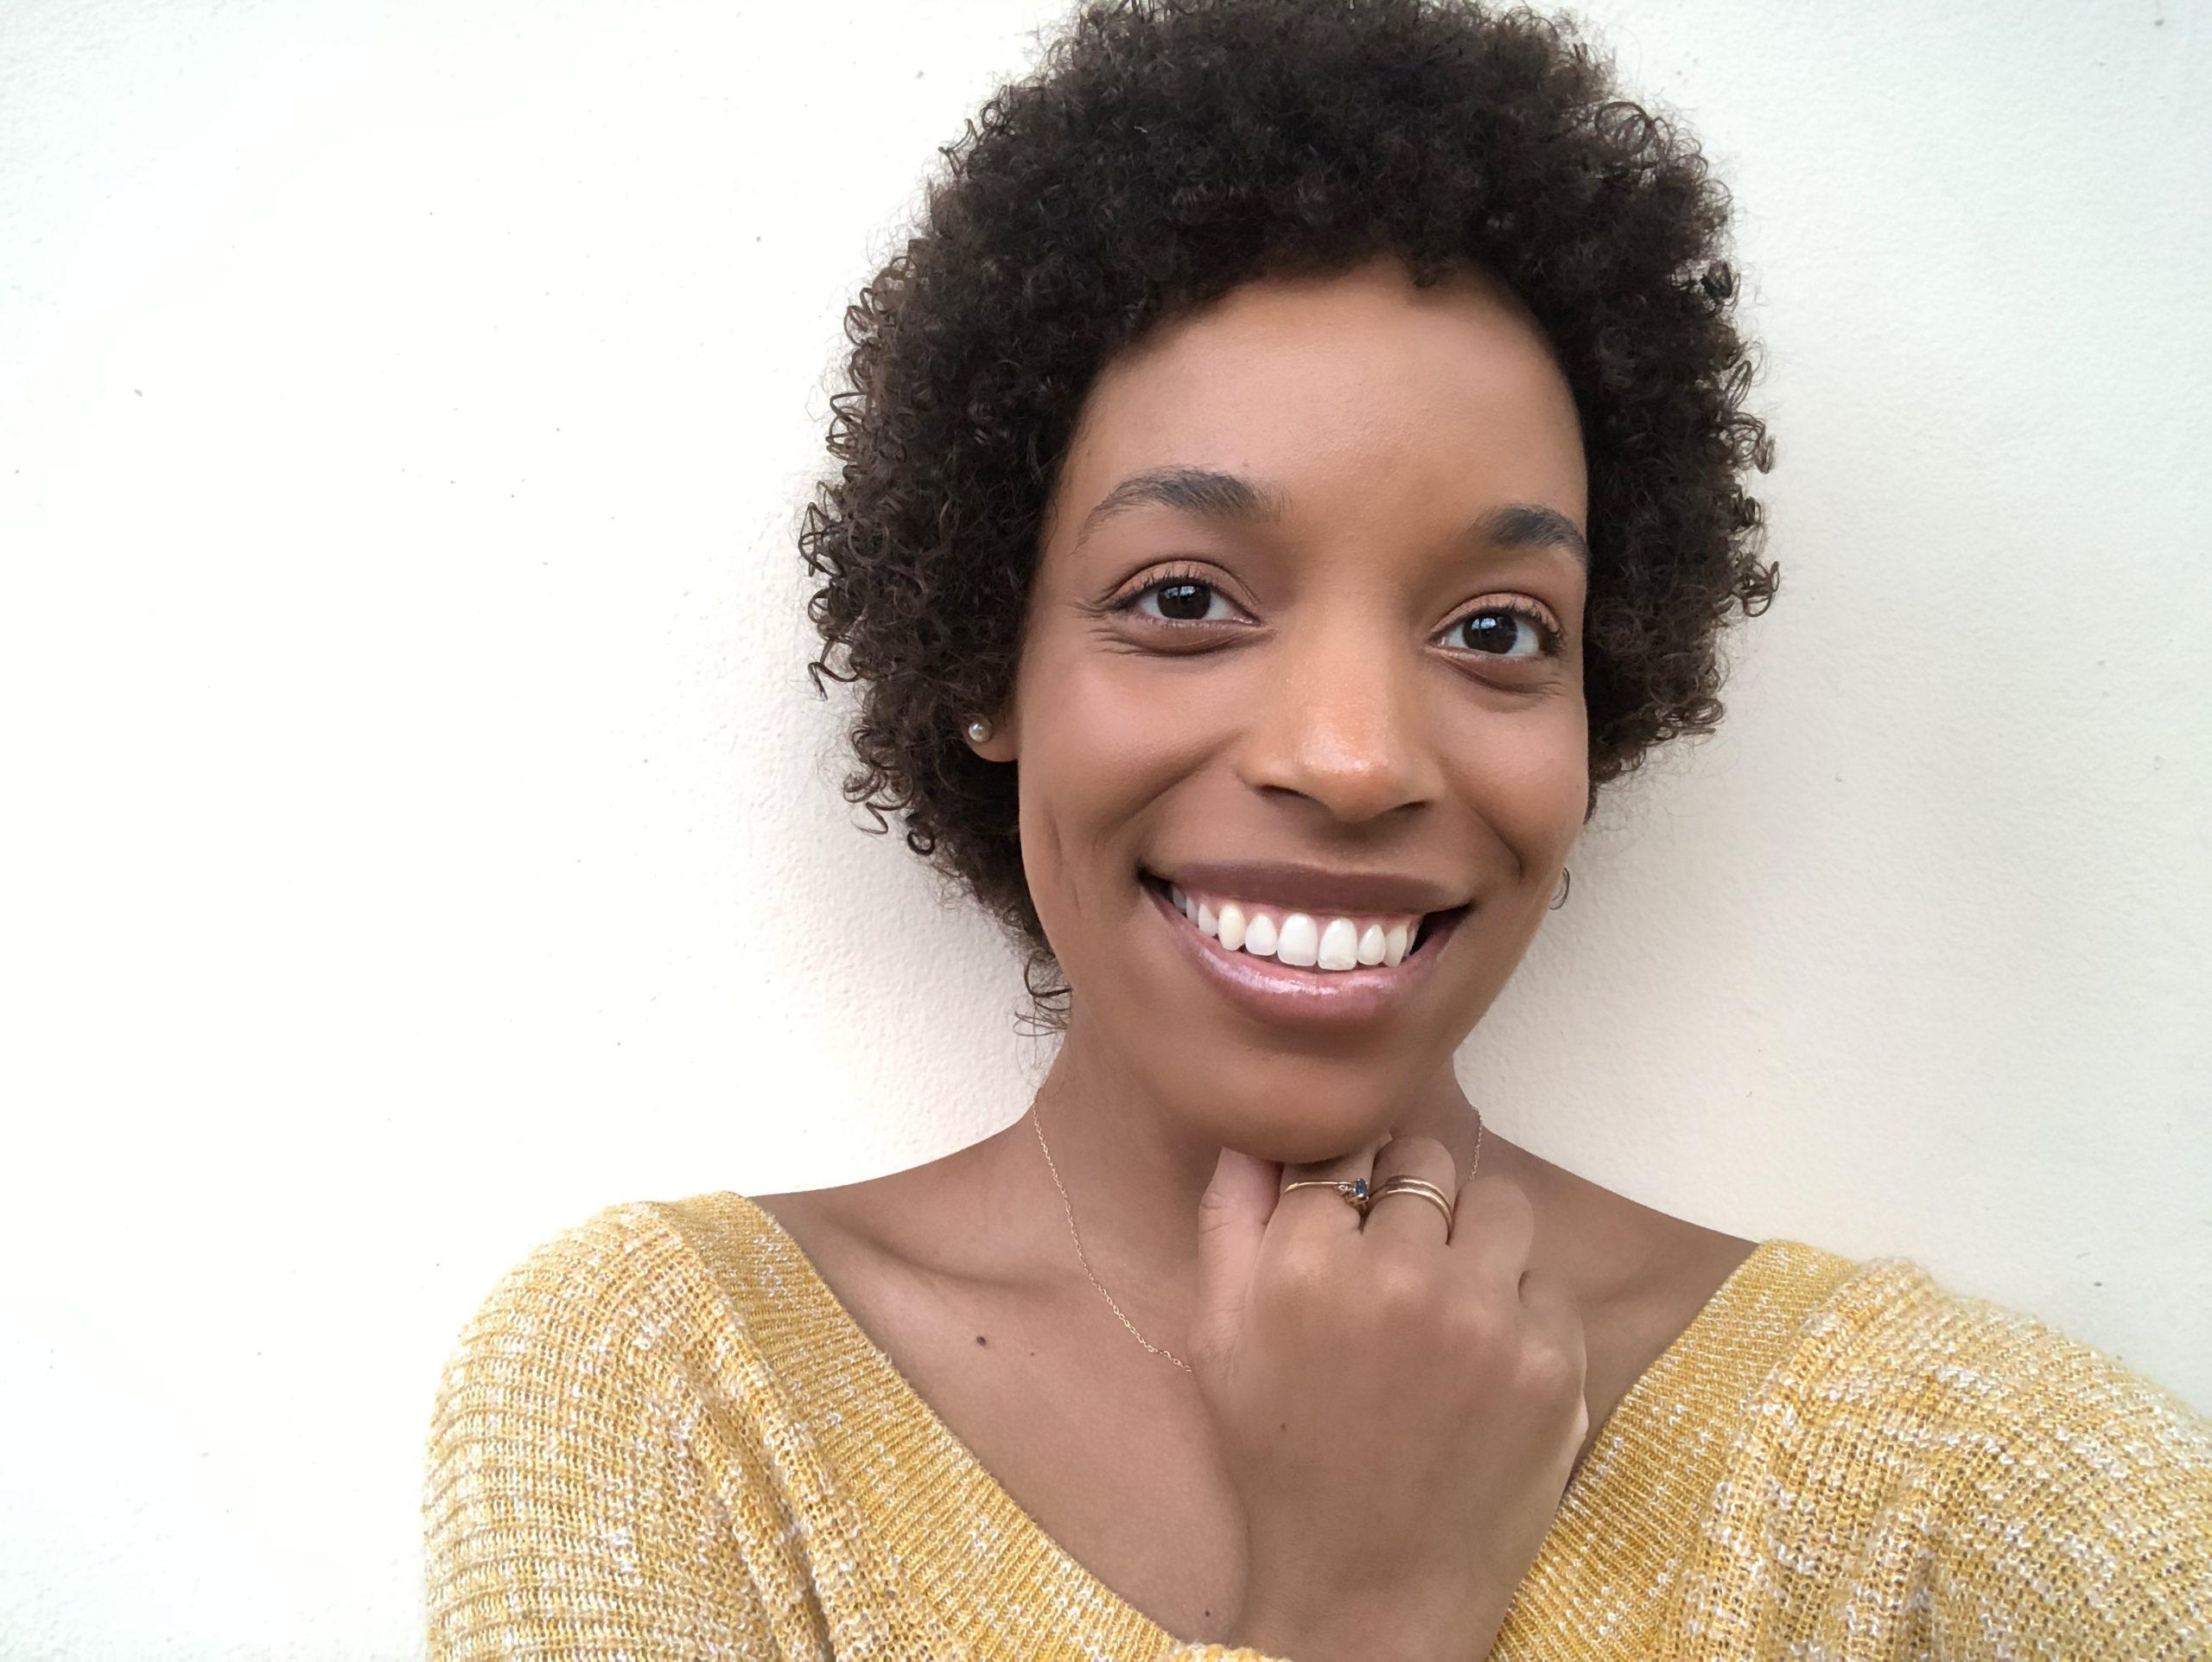 Image of author Mariana Samuda